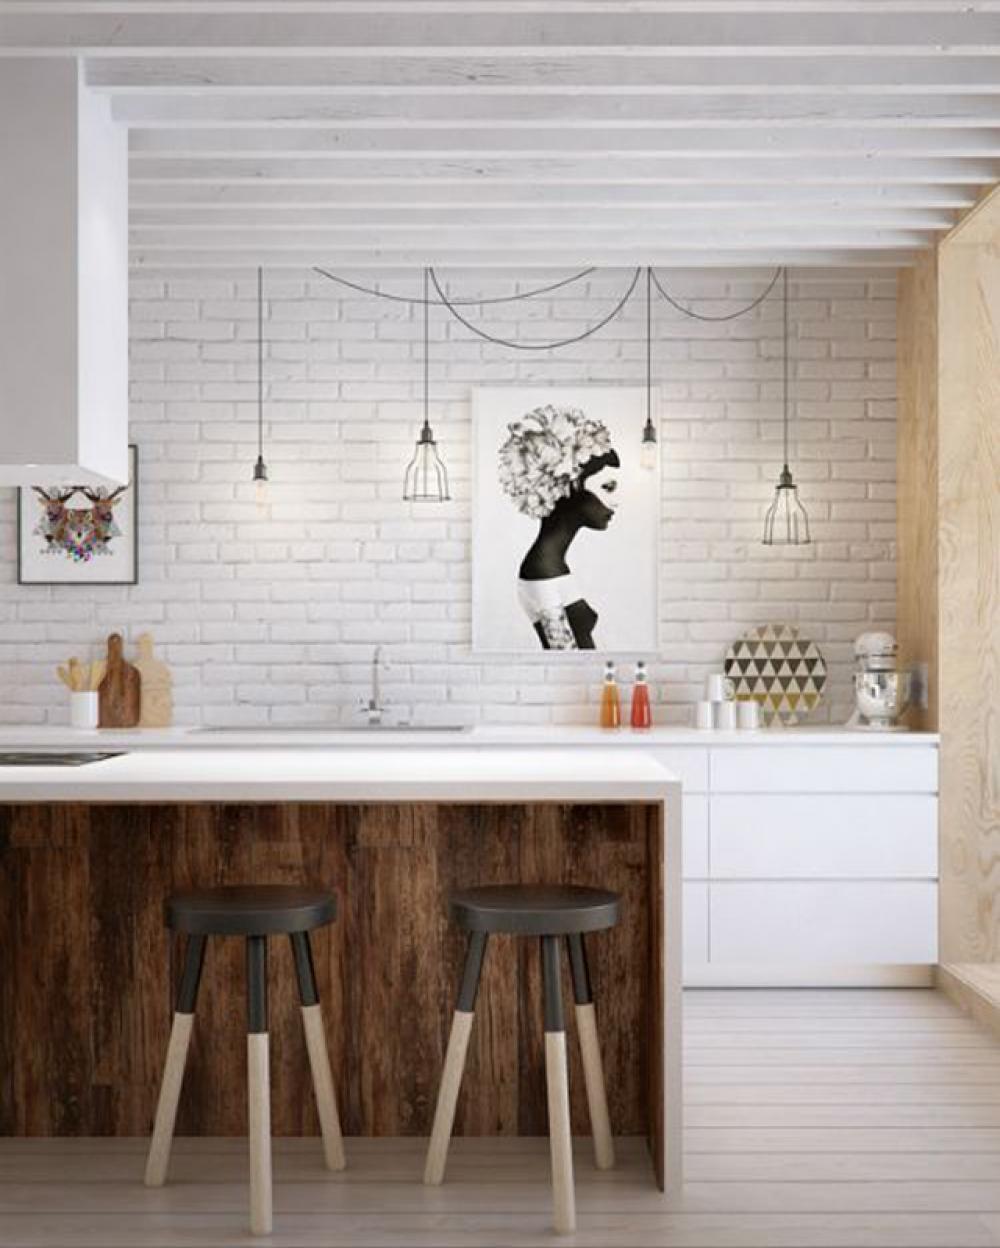 Idées Déco Pour Une Petite Cuisine Ouverte Design Feria - Decoration sejour cuisine ouverte pour idees de deco de cuisine